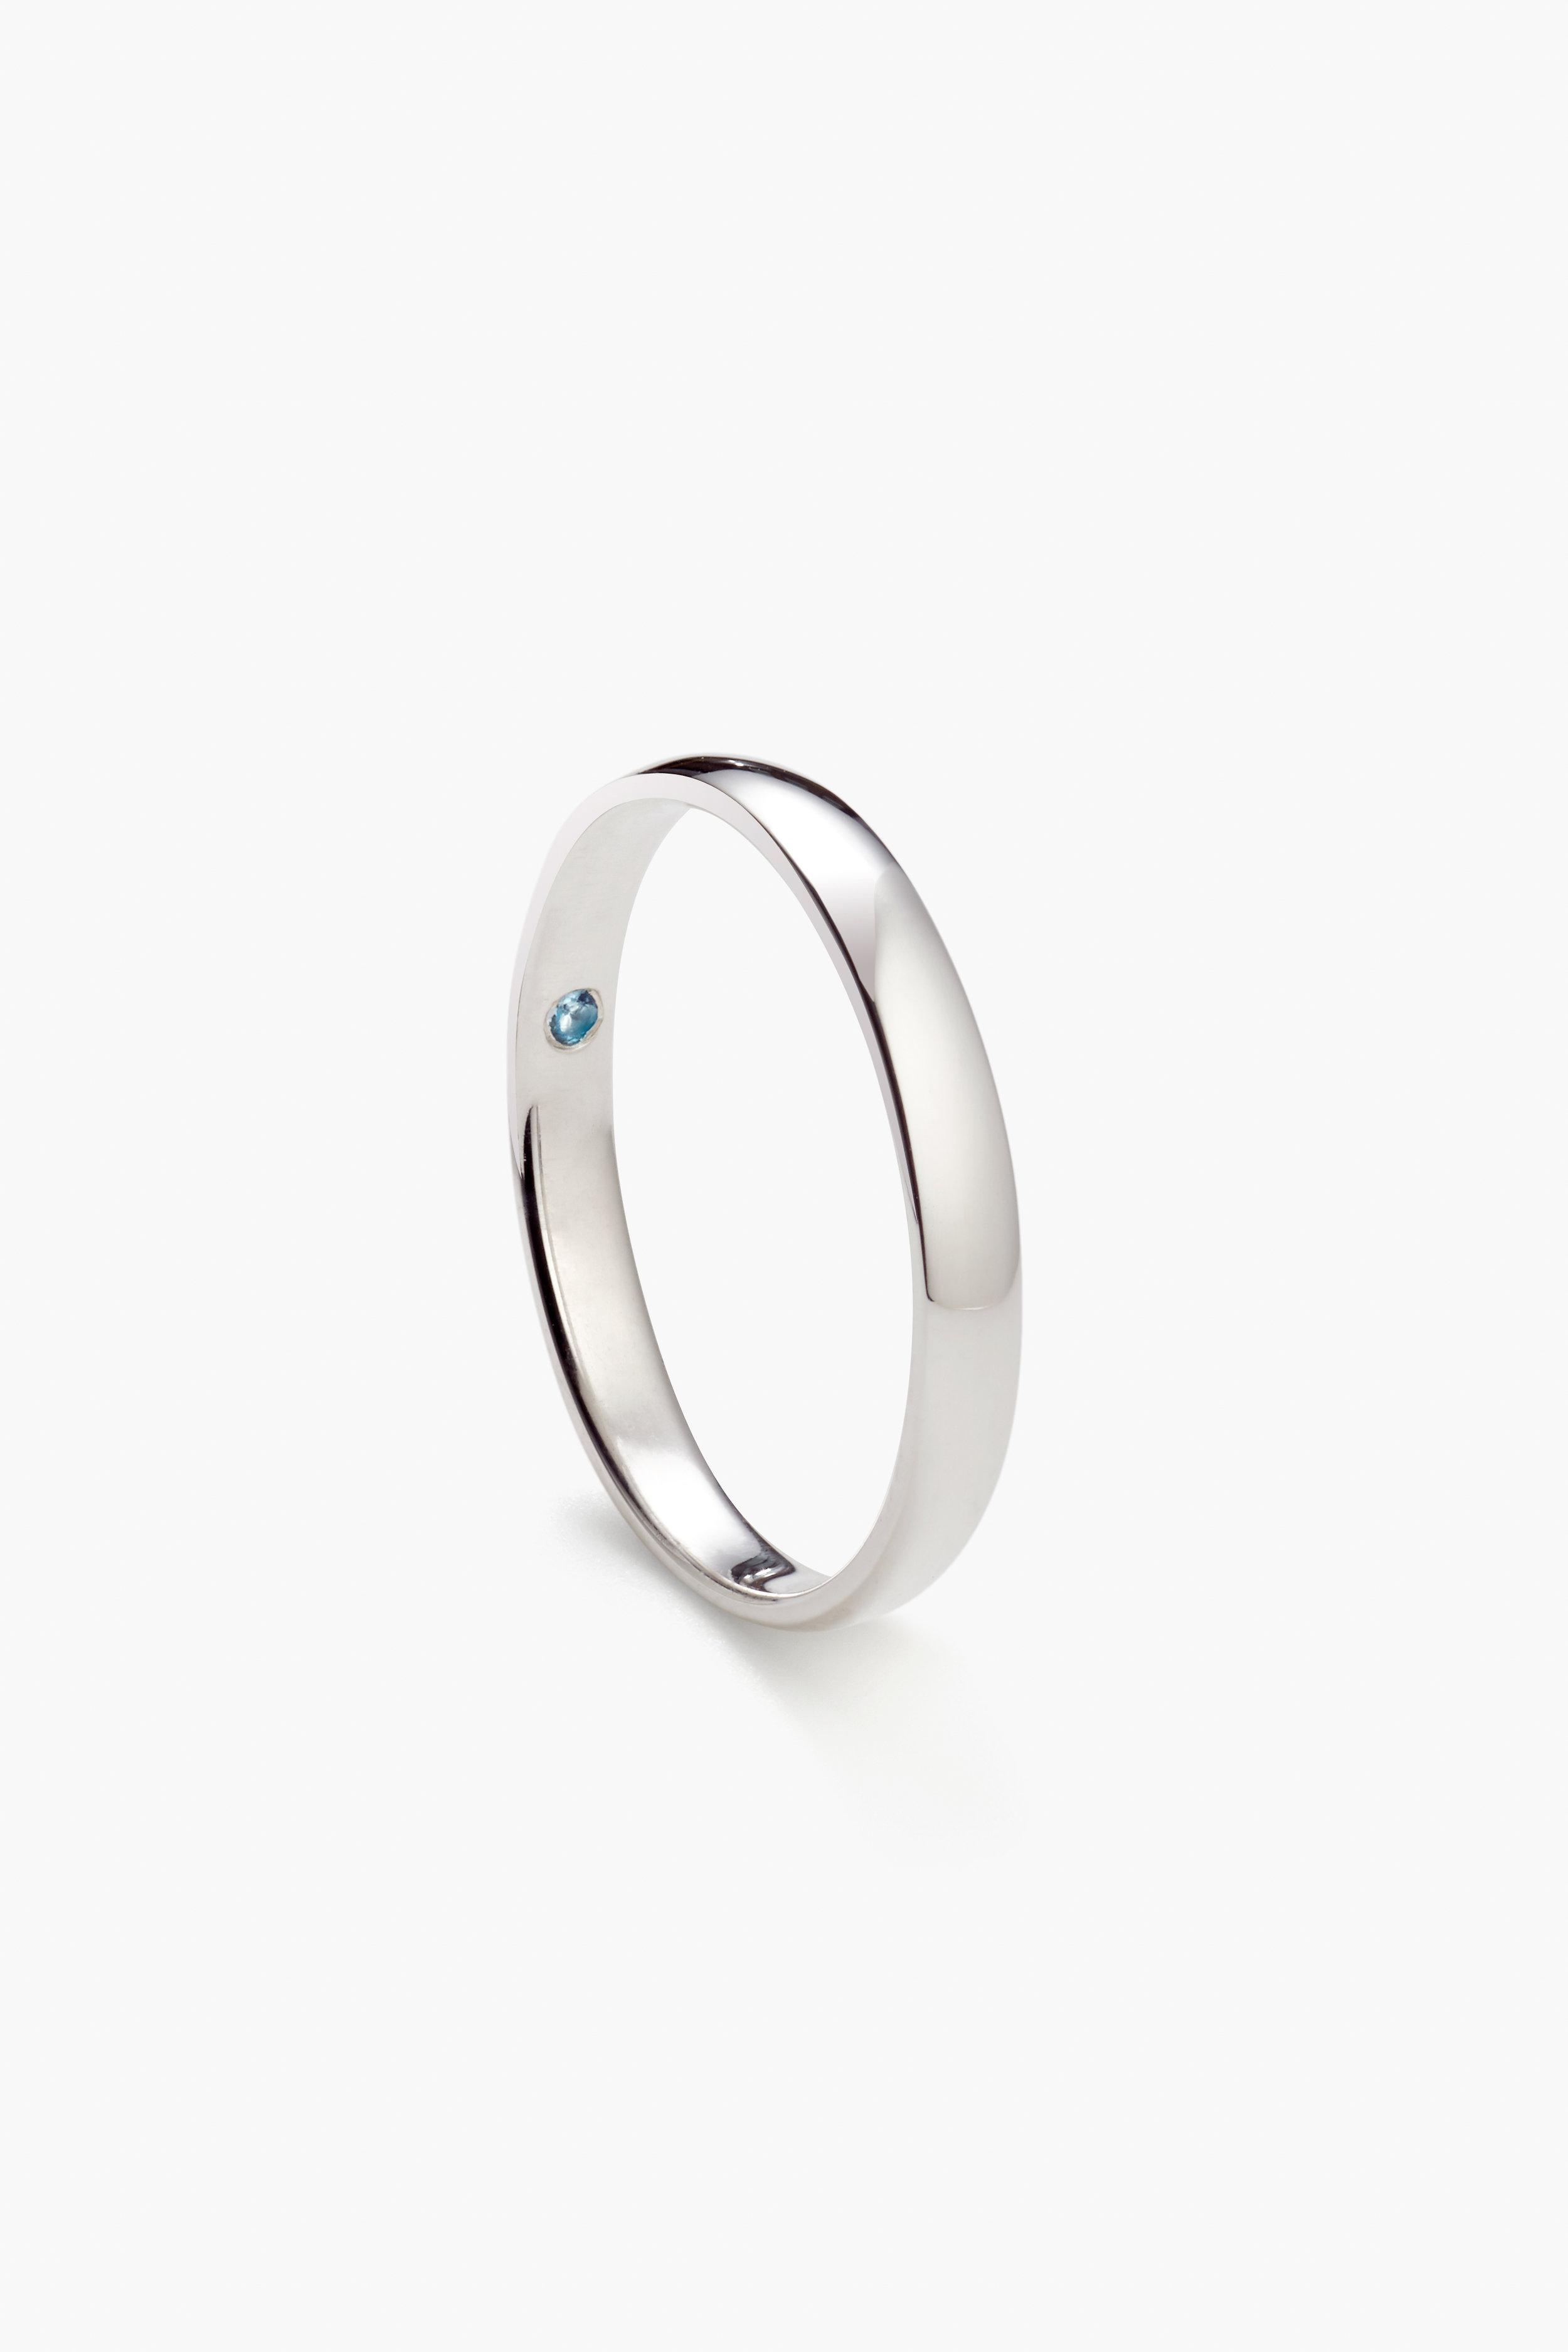 Ring_05-White.jpg